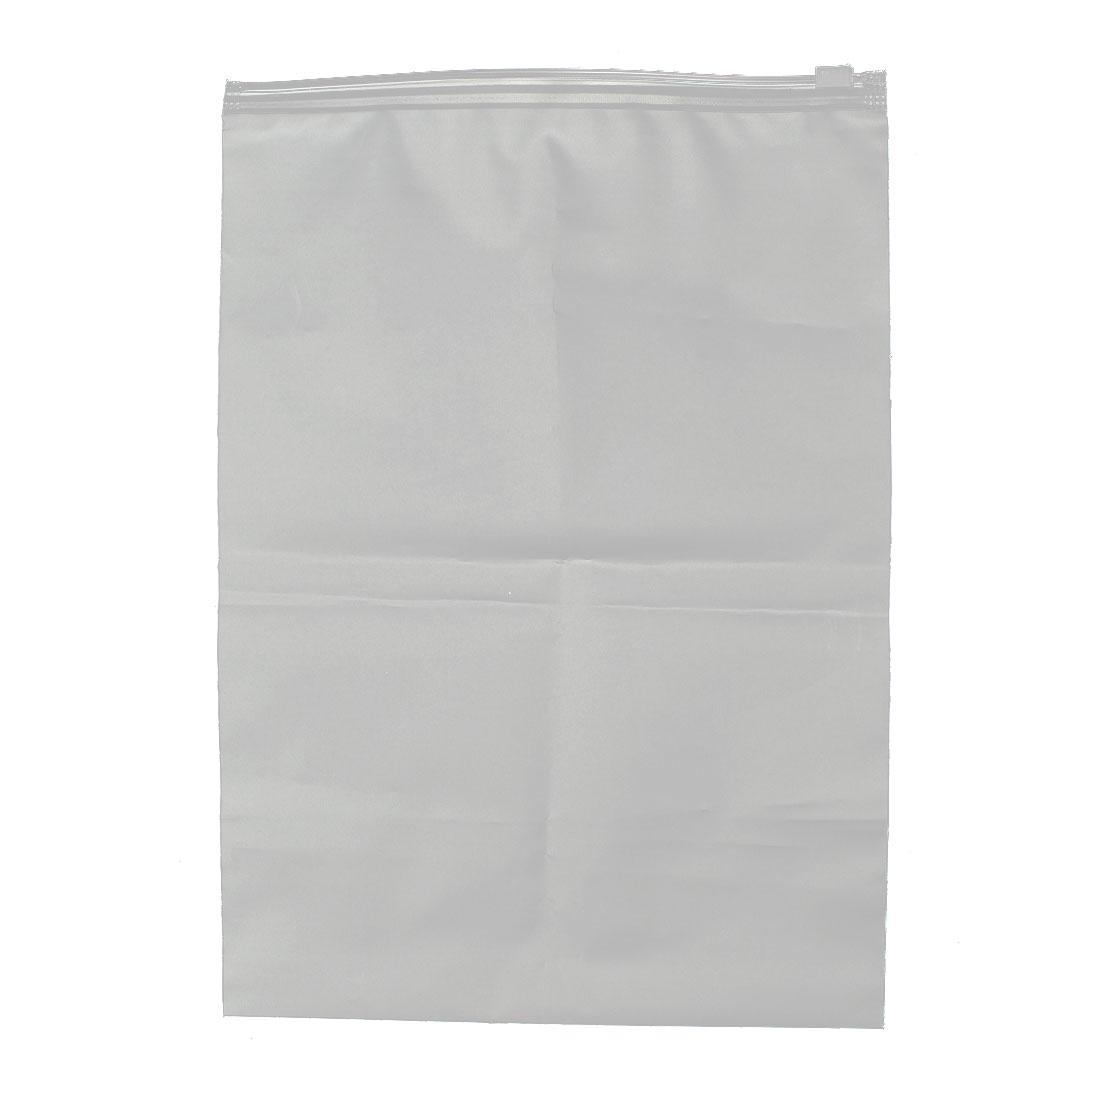 Sundries Storage Bag Organizer Conatiner Holder Clear White 28 x 20cm